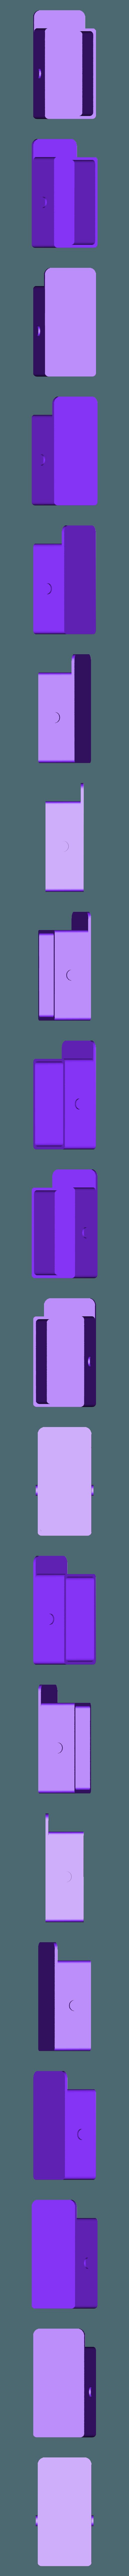 drawer_small.STL Télécharger fichier STL gratuit Boîtes pour petits et moyens transistors • Objet pour imprimante 3D, vvvvvv